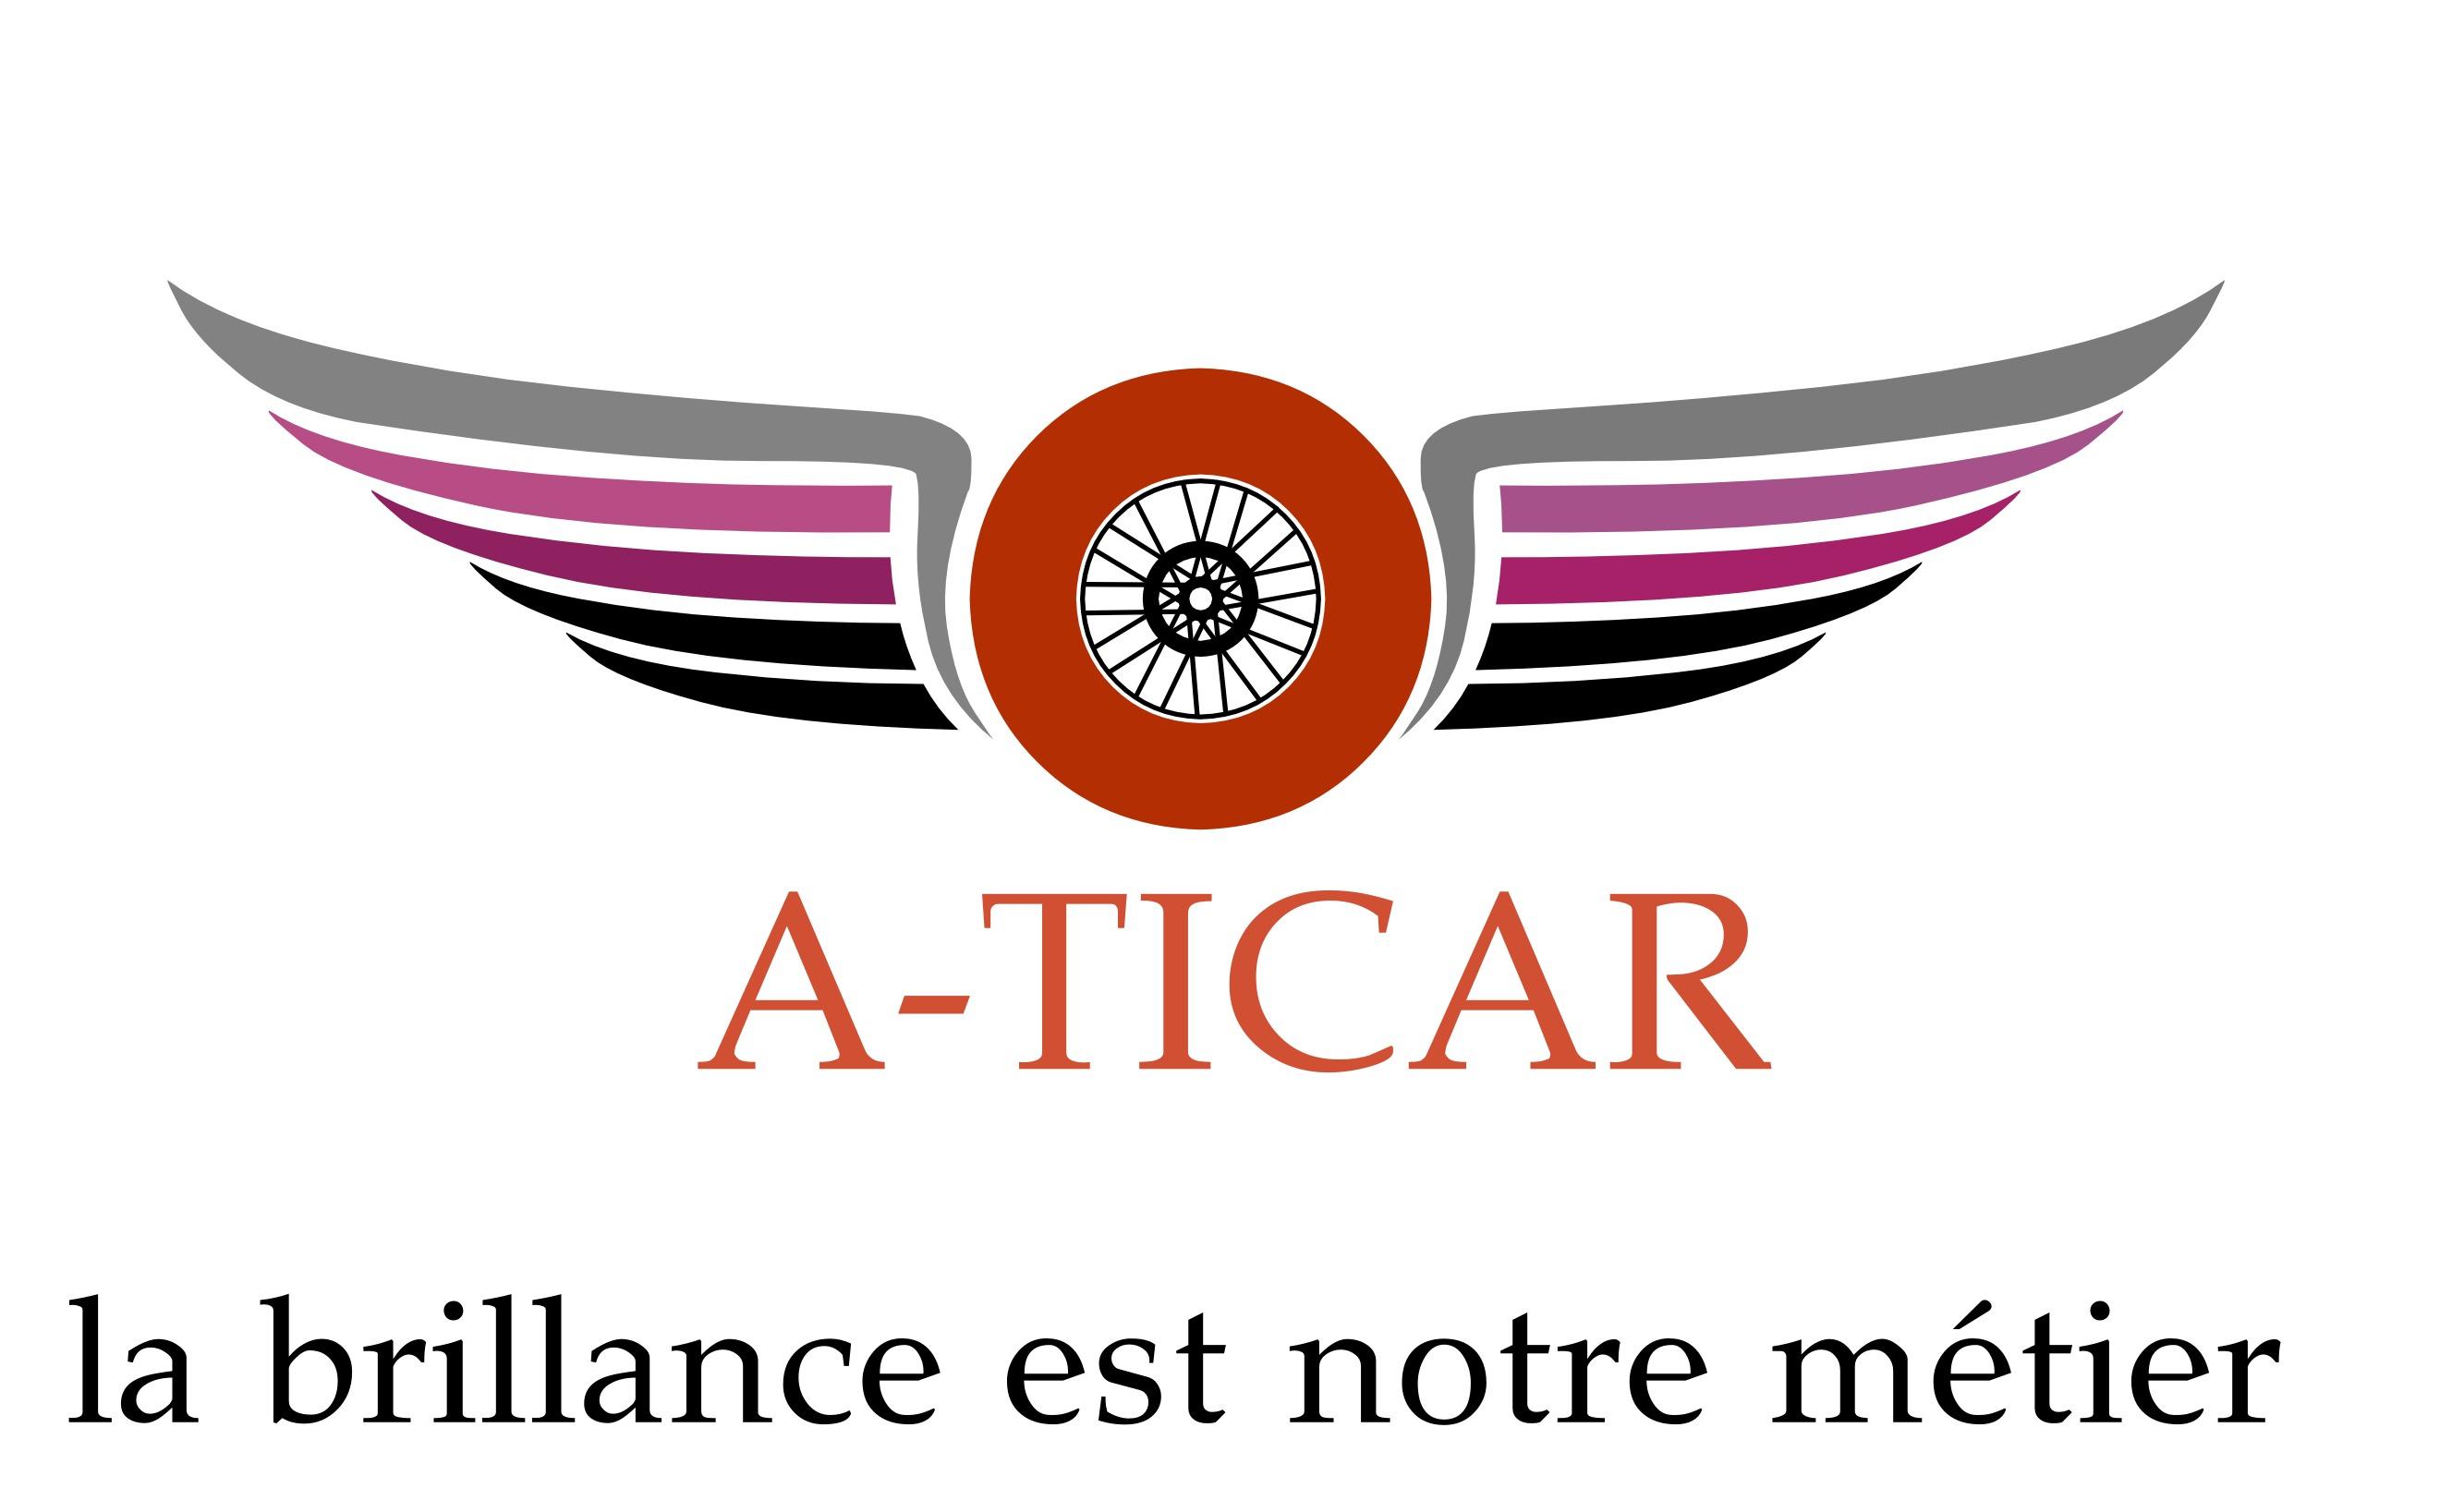 A-TICAR lavage et nettoyage auto